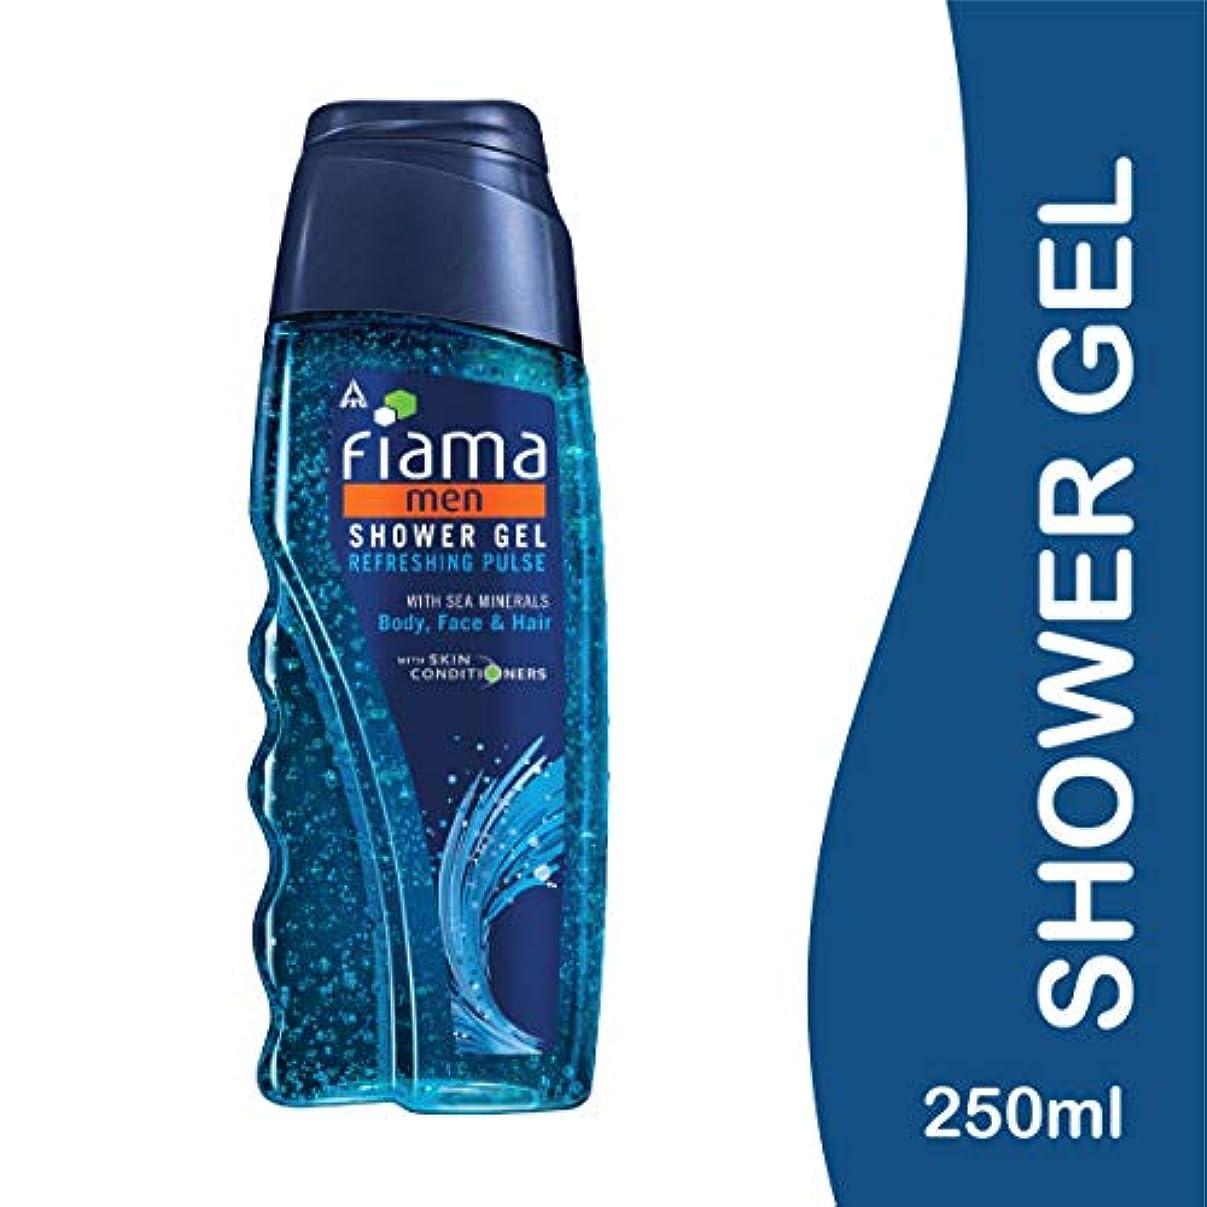 冗長マイク二年生Fiama Men Refreshing Pulse Shower Gel, 250ml